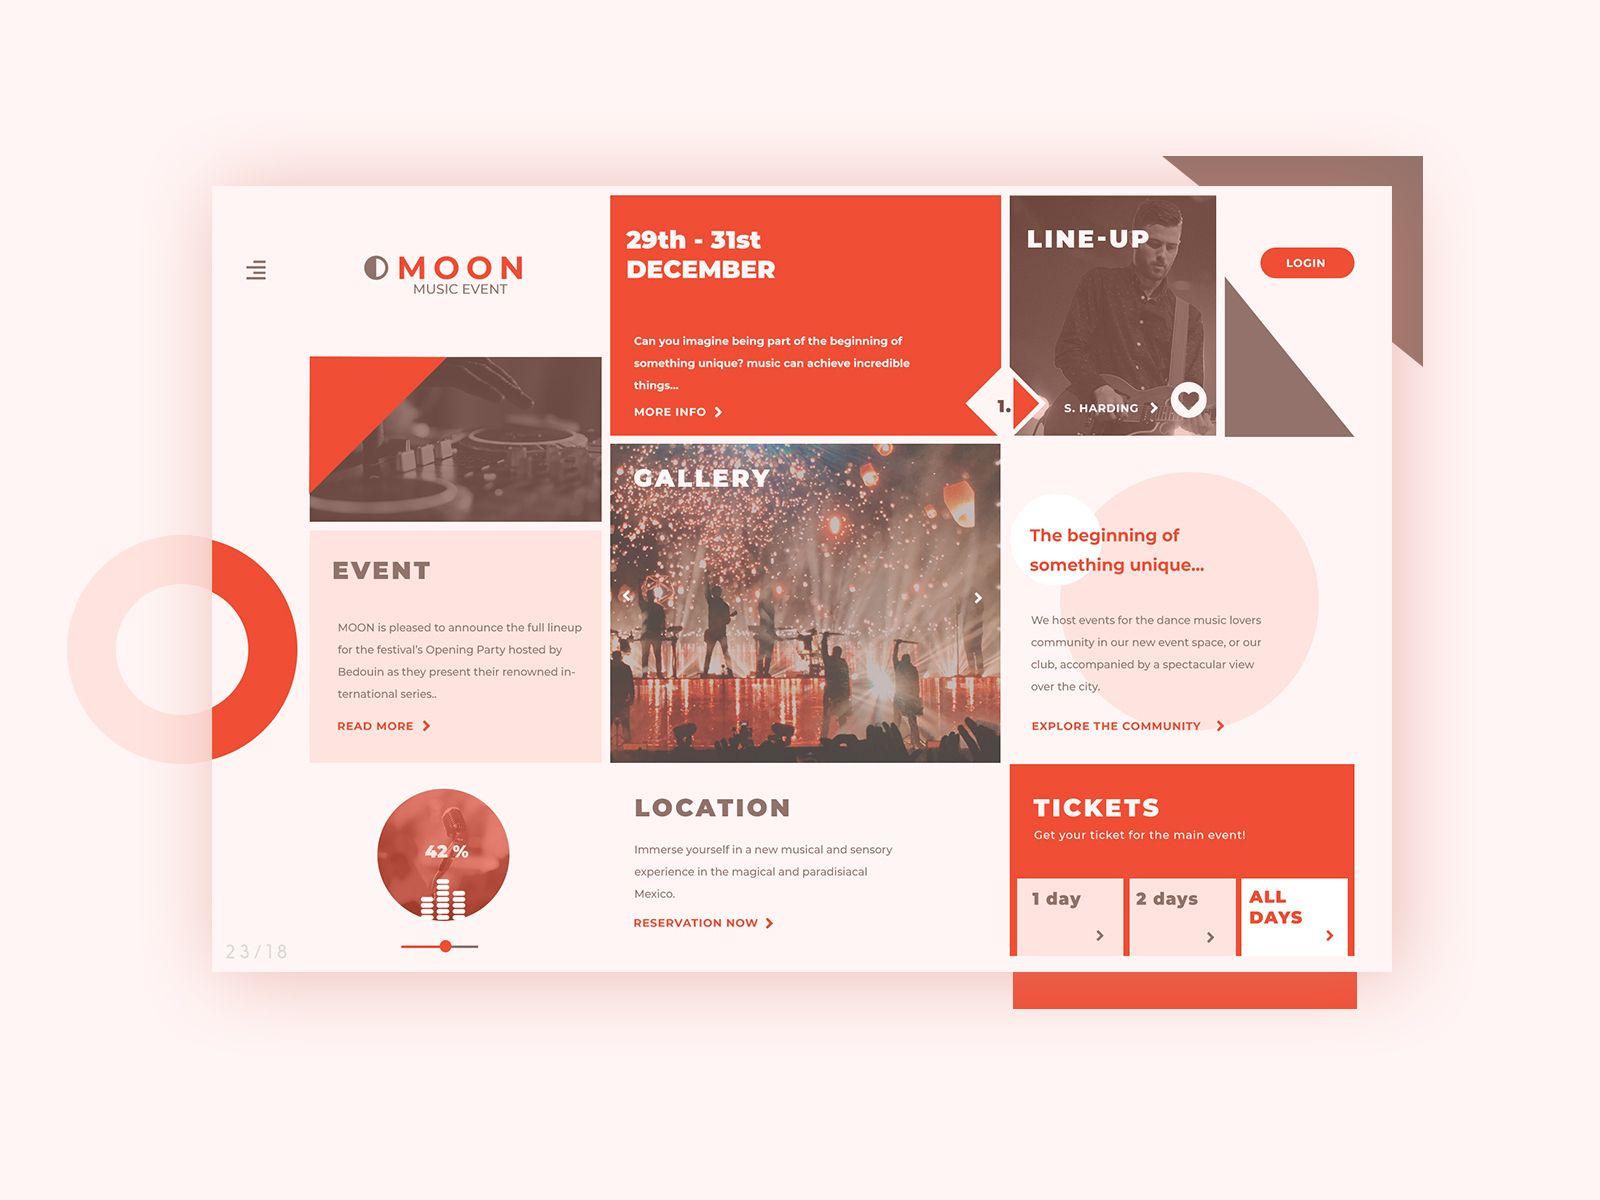 Calendario De Eventos By Fernanda Pacheco Via Behance Web Design Birthday Background Design Event Schedule Design